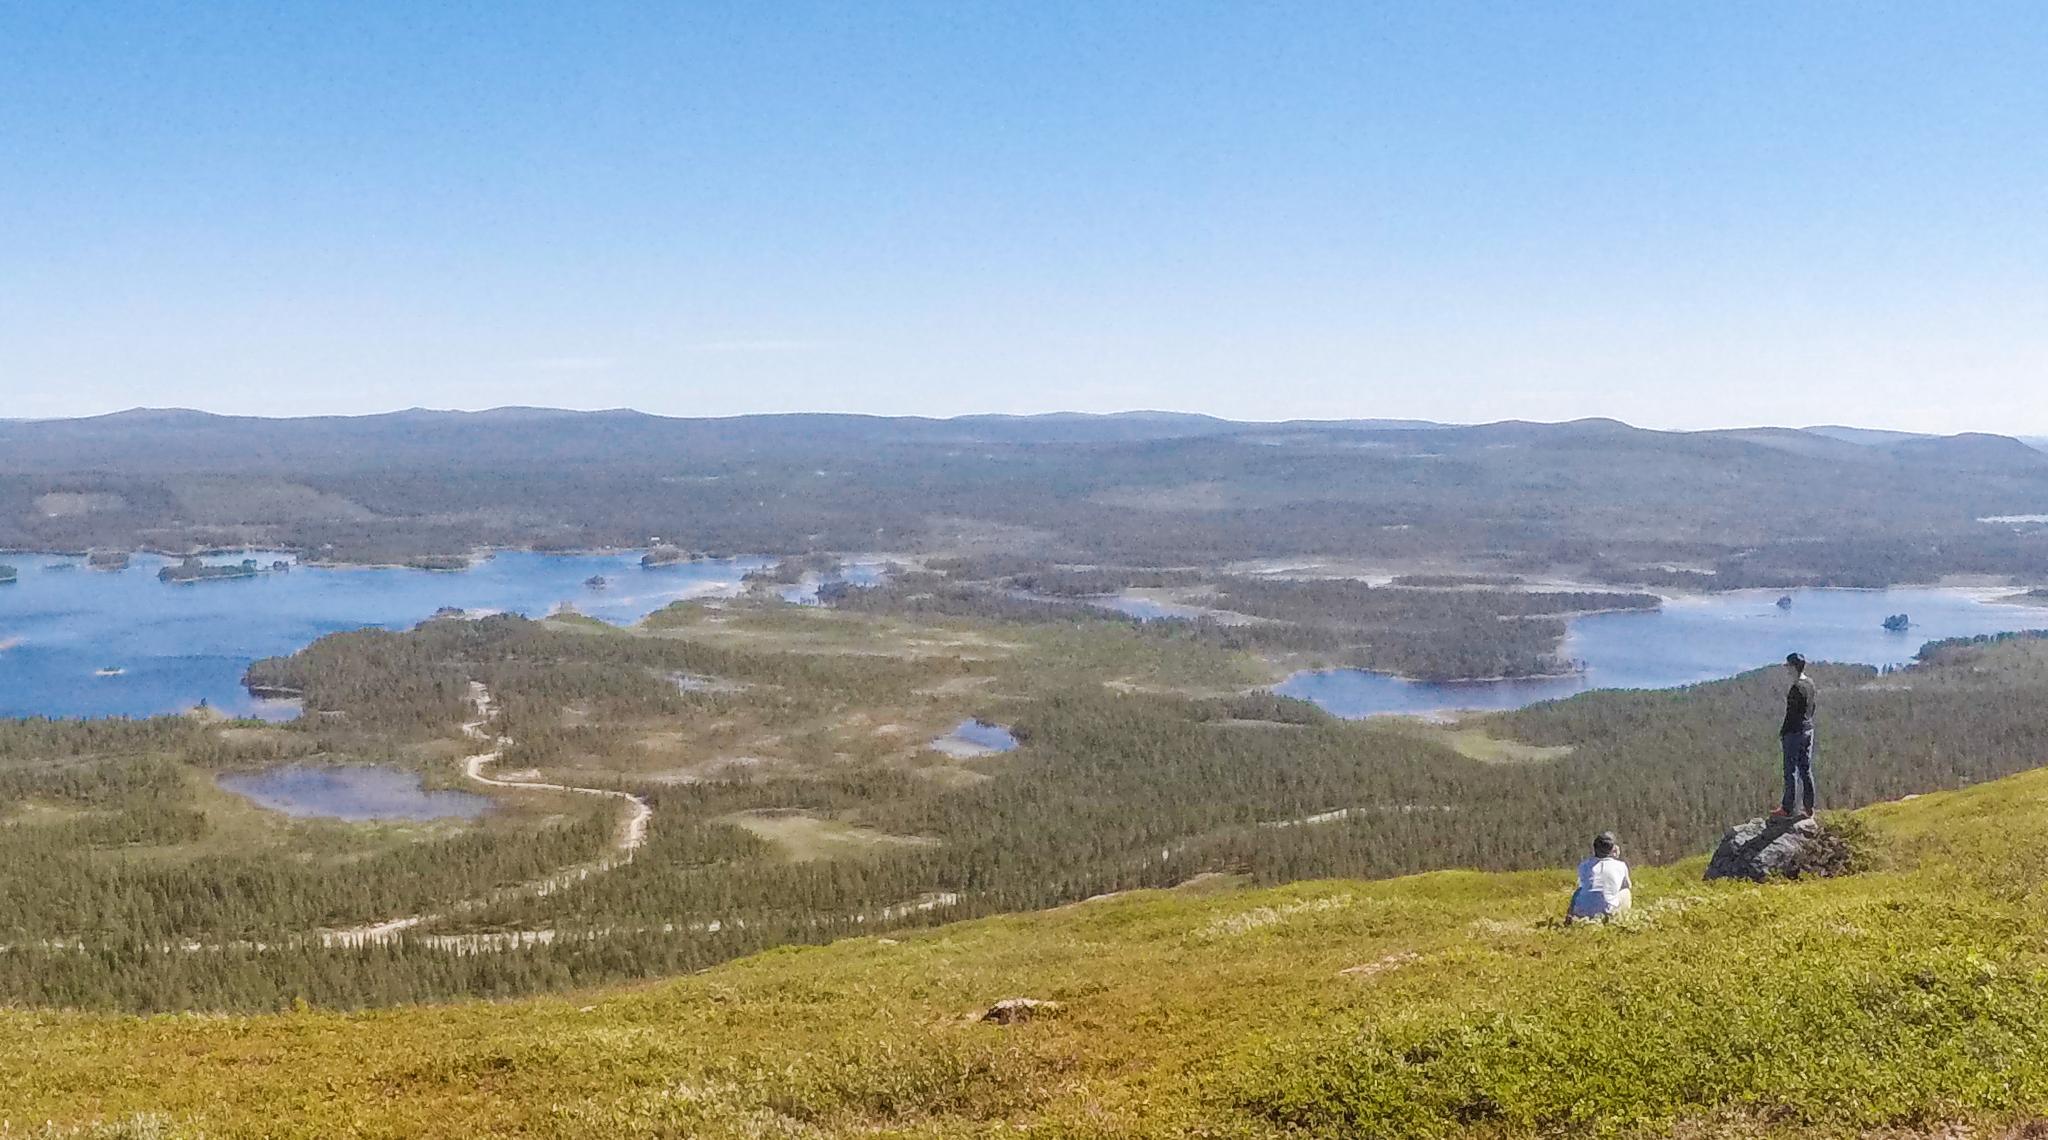 【北歐景點】Arjeplog Galtispuoda:眺望無盡延綿的瑞典極圈荒原 31